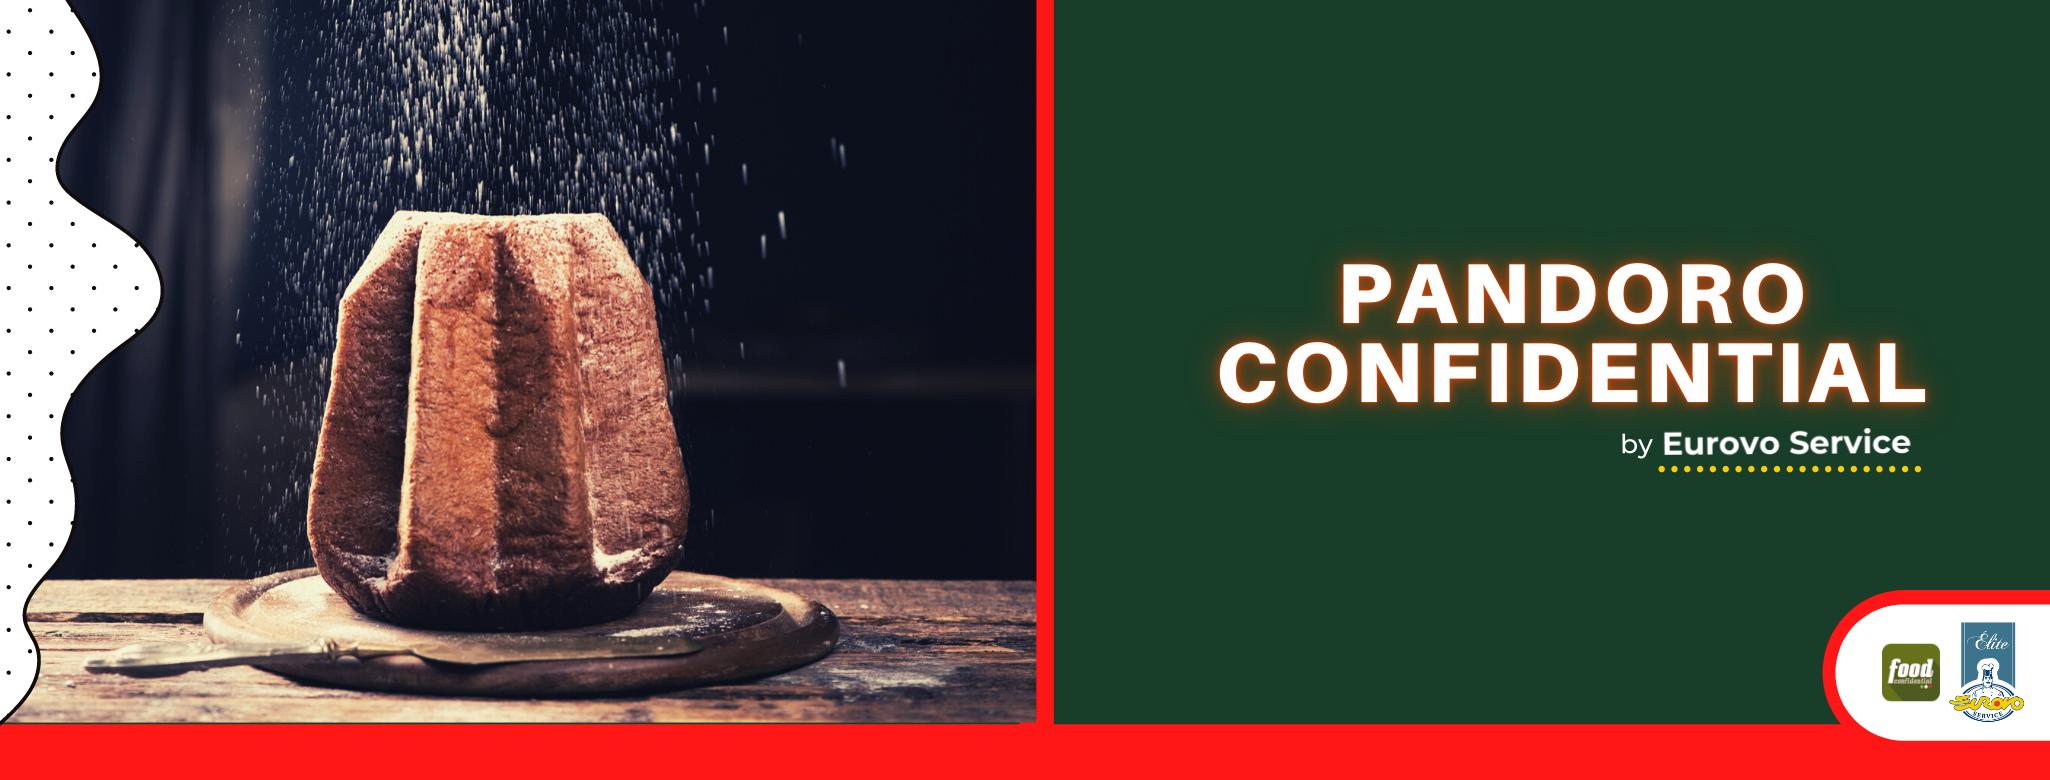 Pandoro Confidential: la bontà è in diretta!